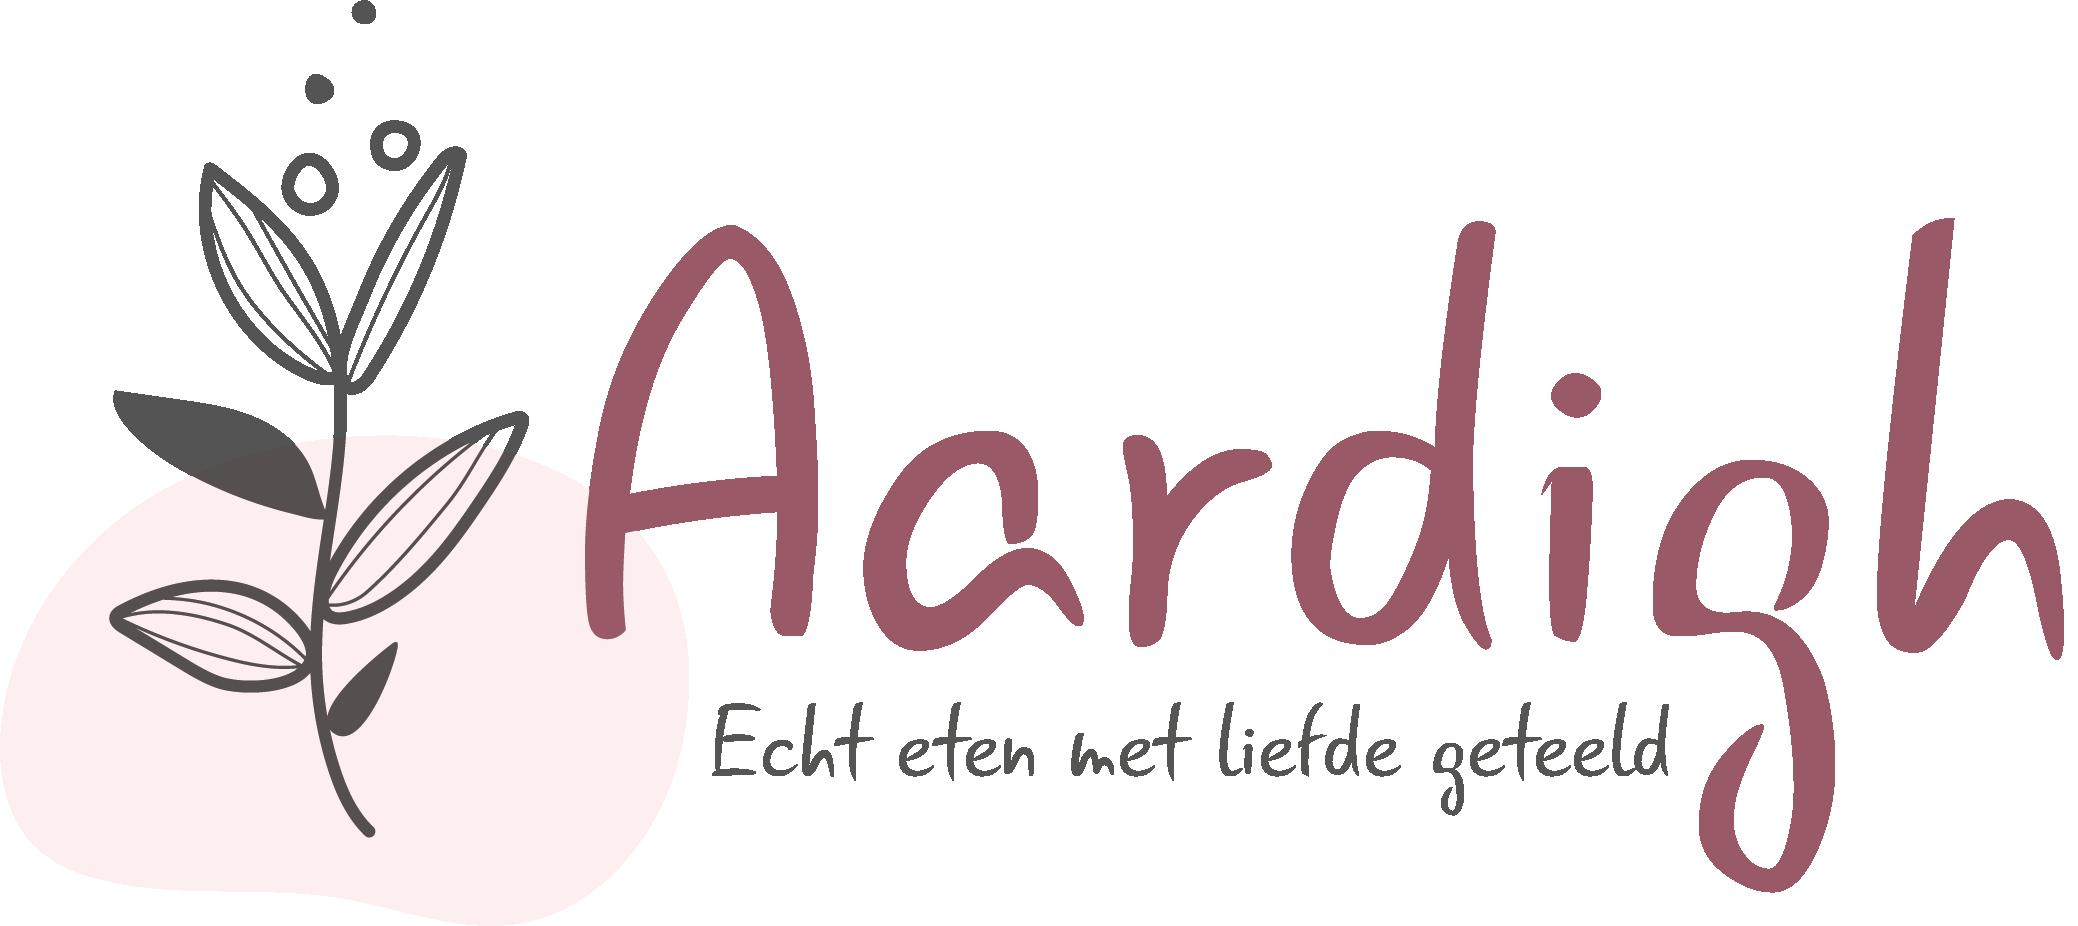 Logo Aardigh